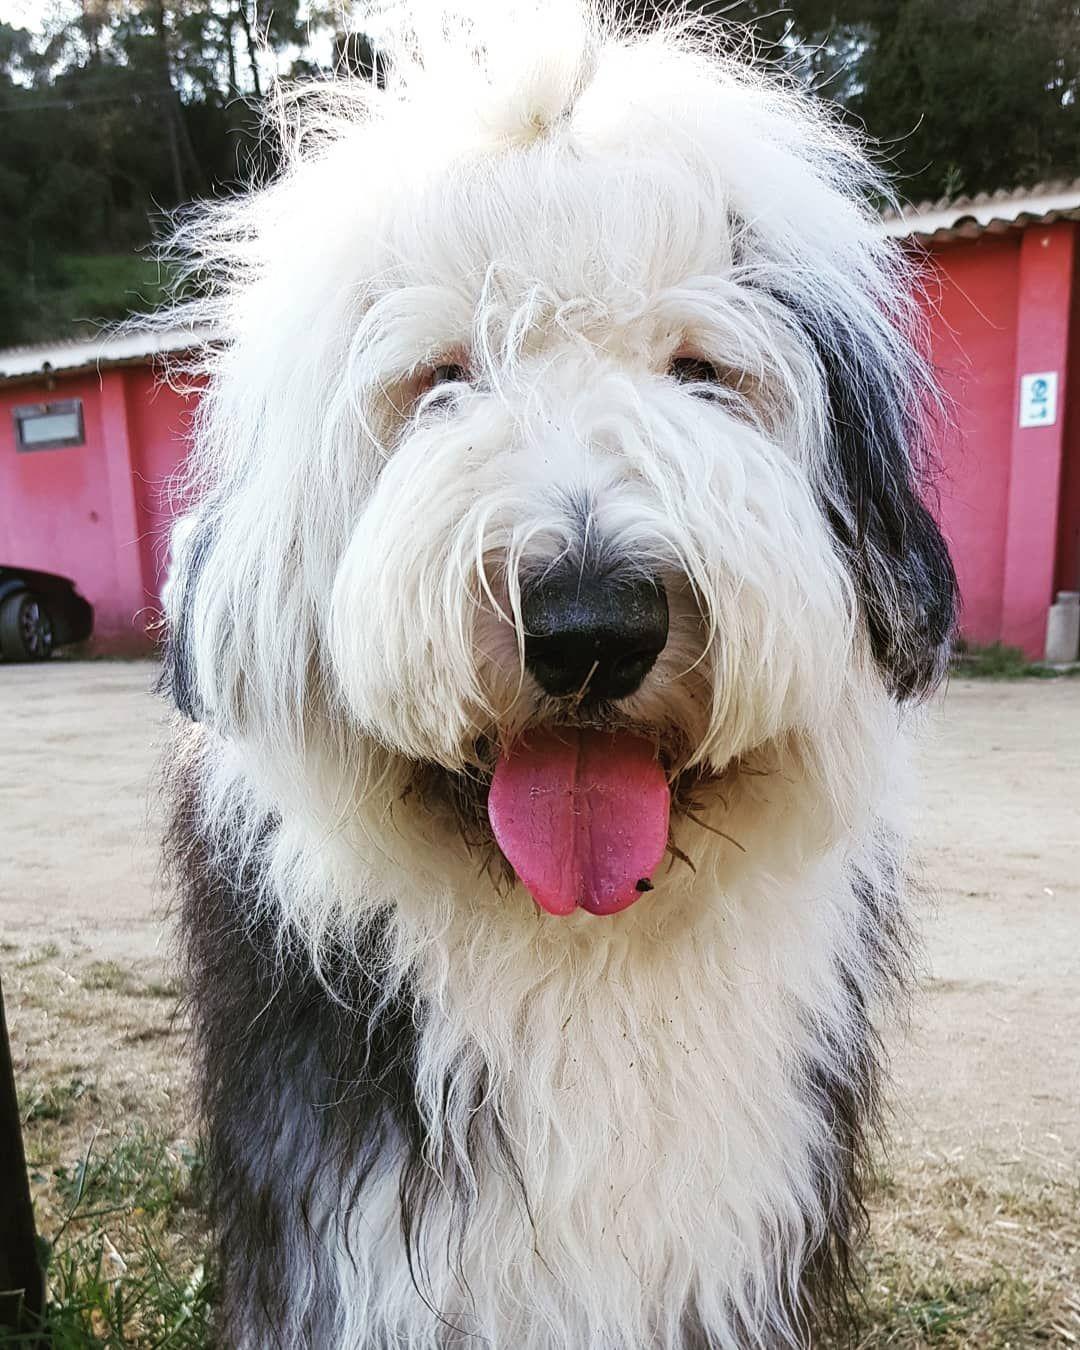 [New] The 10 Best Home Decor (with Pictures) -  Good morning  #dog#dogsofinstagram#sheepdog#oldenglishsheepdog#puppy#bobtail#bobtaildog#oes#bobtailsofinstagram#bobtailpuppy#sheepie#oesofinstagram#oldenglishsheepdogofinstagram#oldenglishsheepdogofficial#oldenglishsheepdogpuppy#bobtailspain#sheepdogslife#sheepdoglove#happysundayfunday#happysundayeveryone#deljowers.